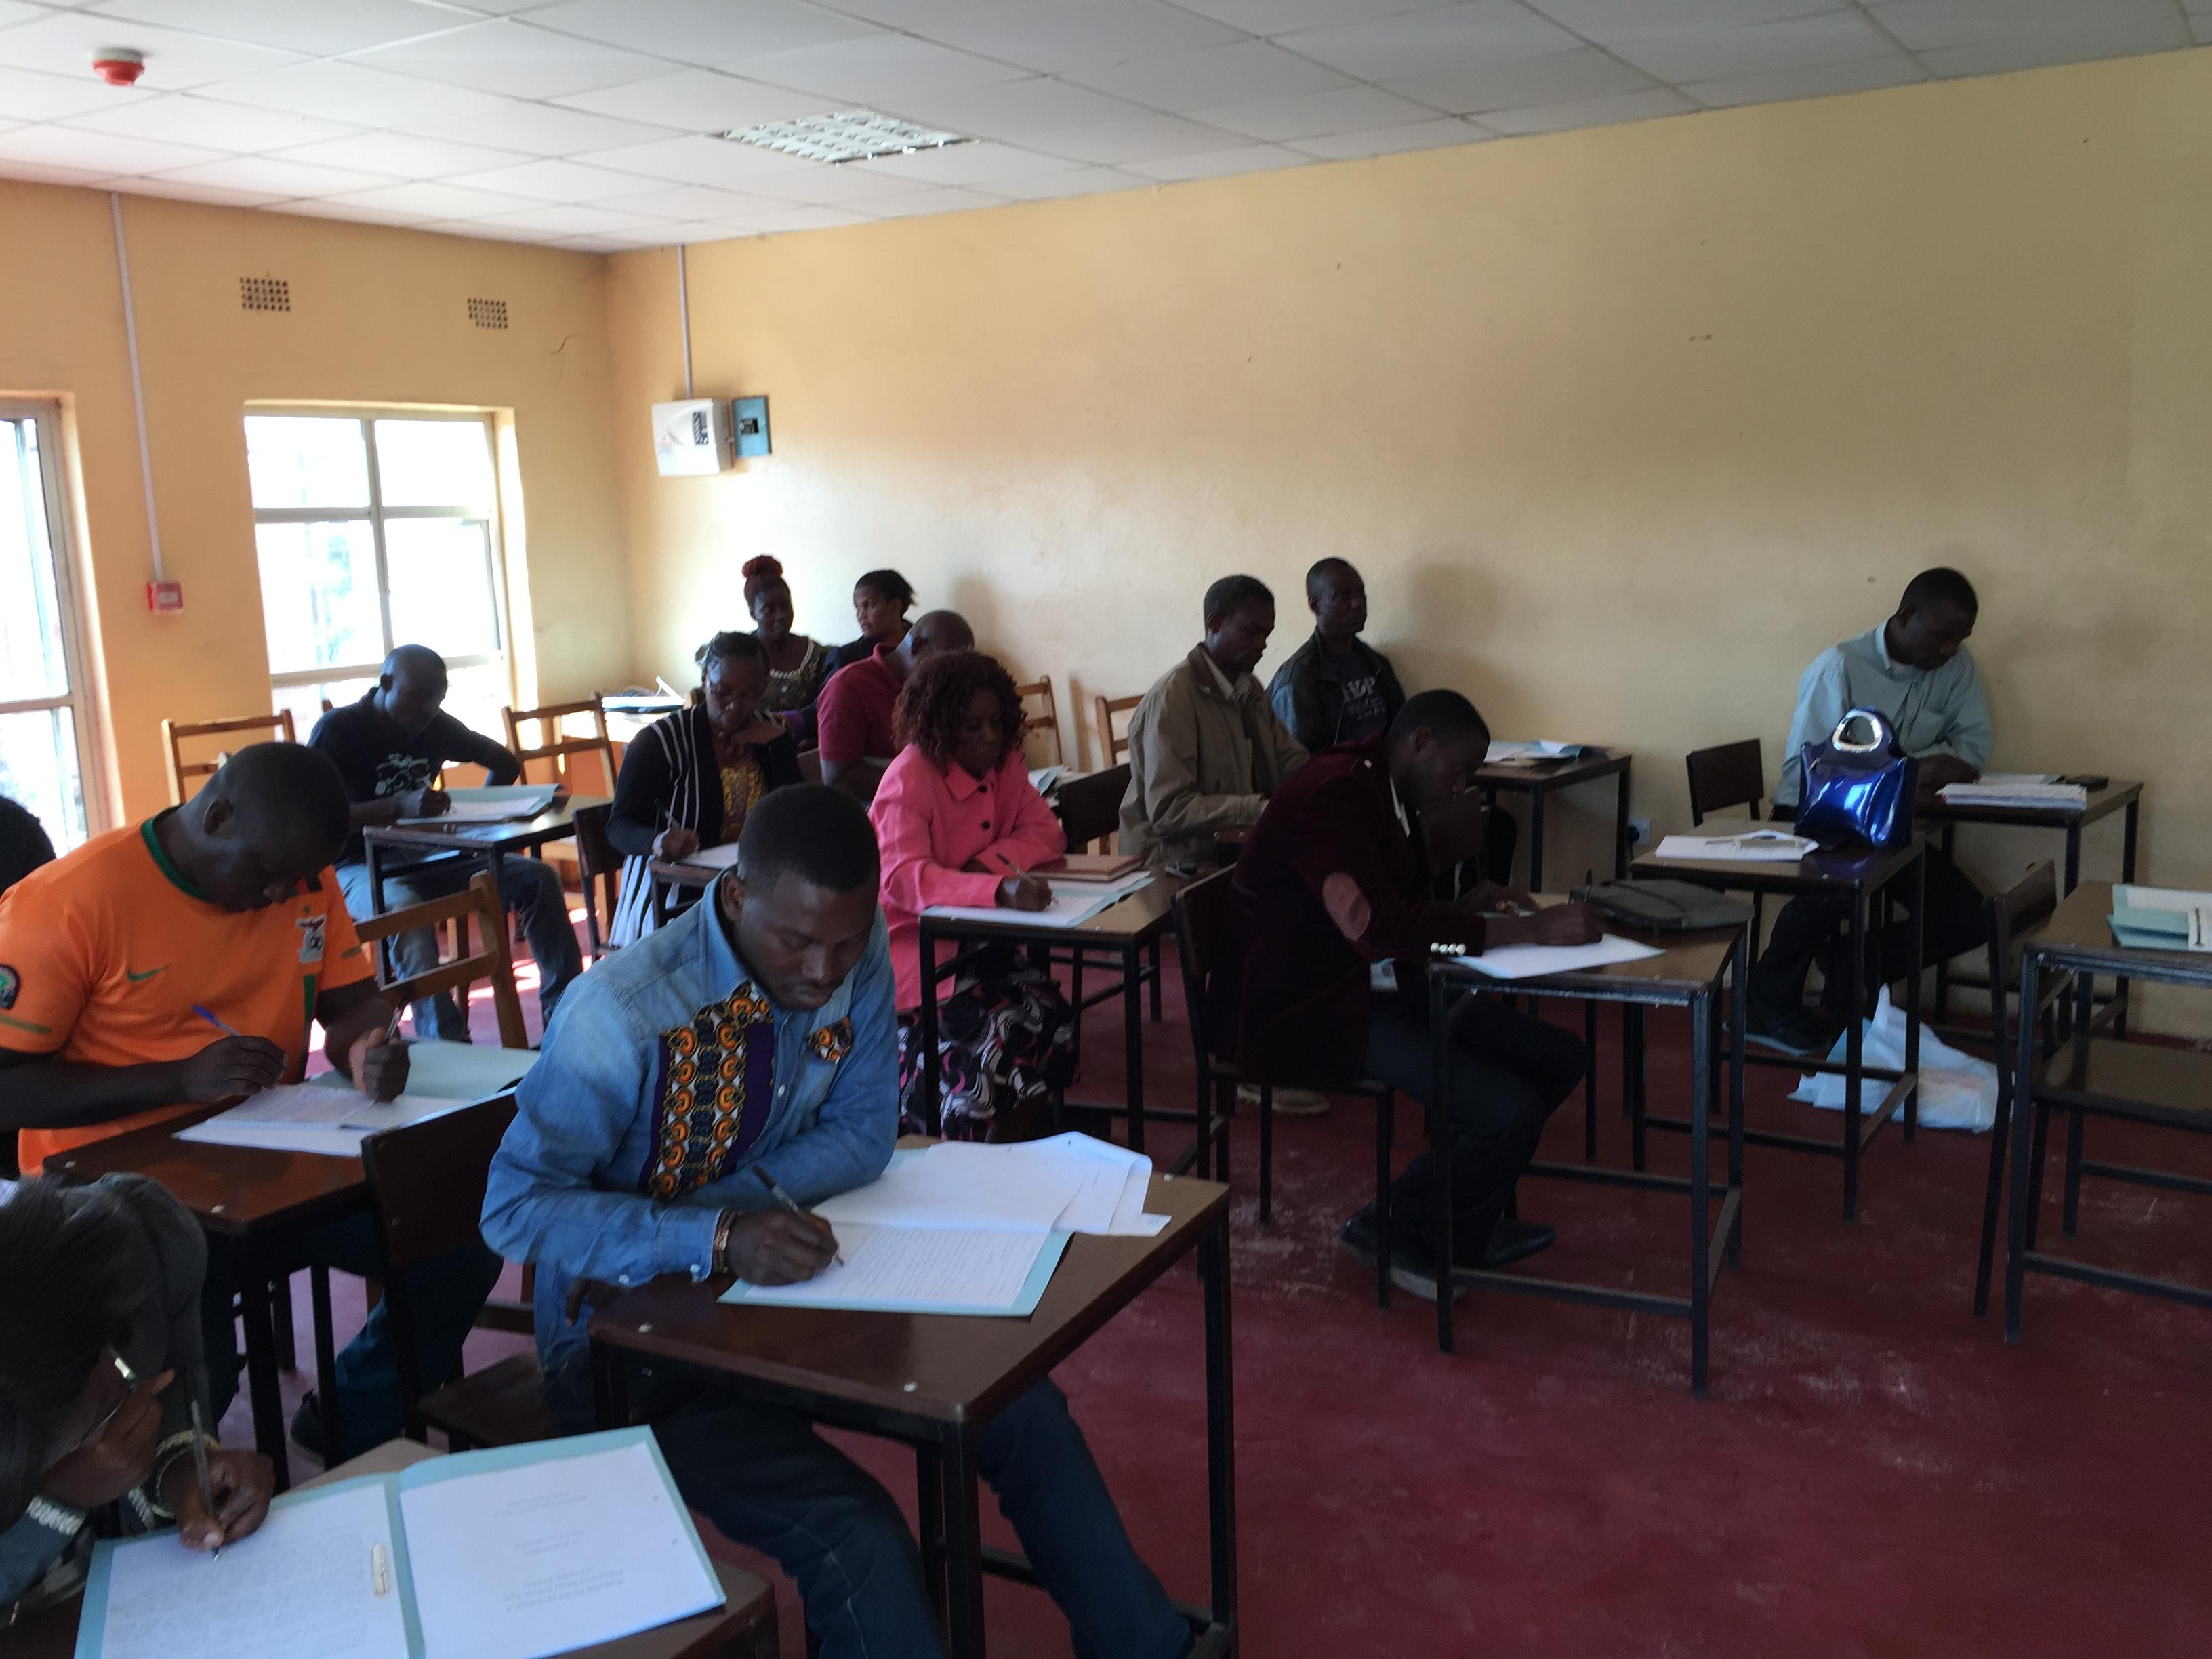 アフリカ/ザンビア/ルサカ市のCLにおける高齢者の会合の写真